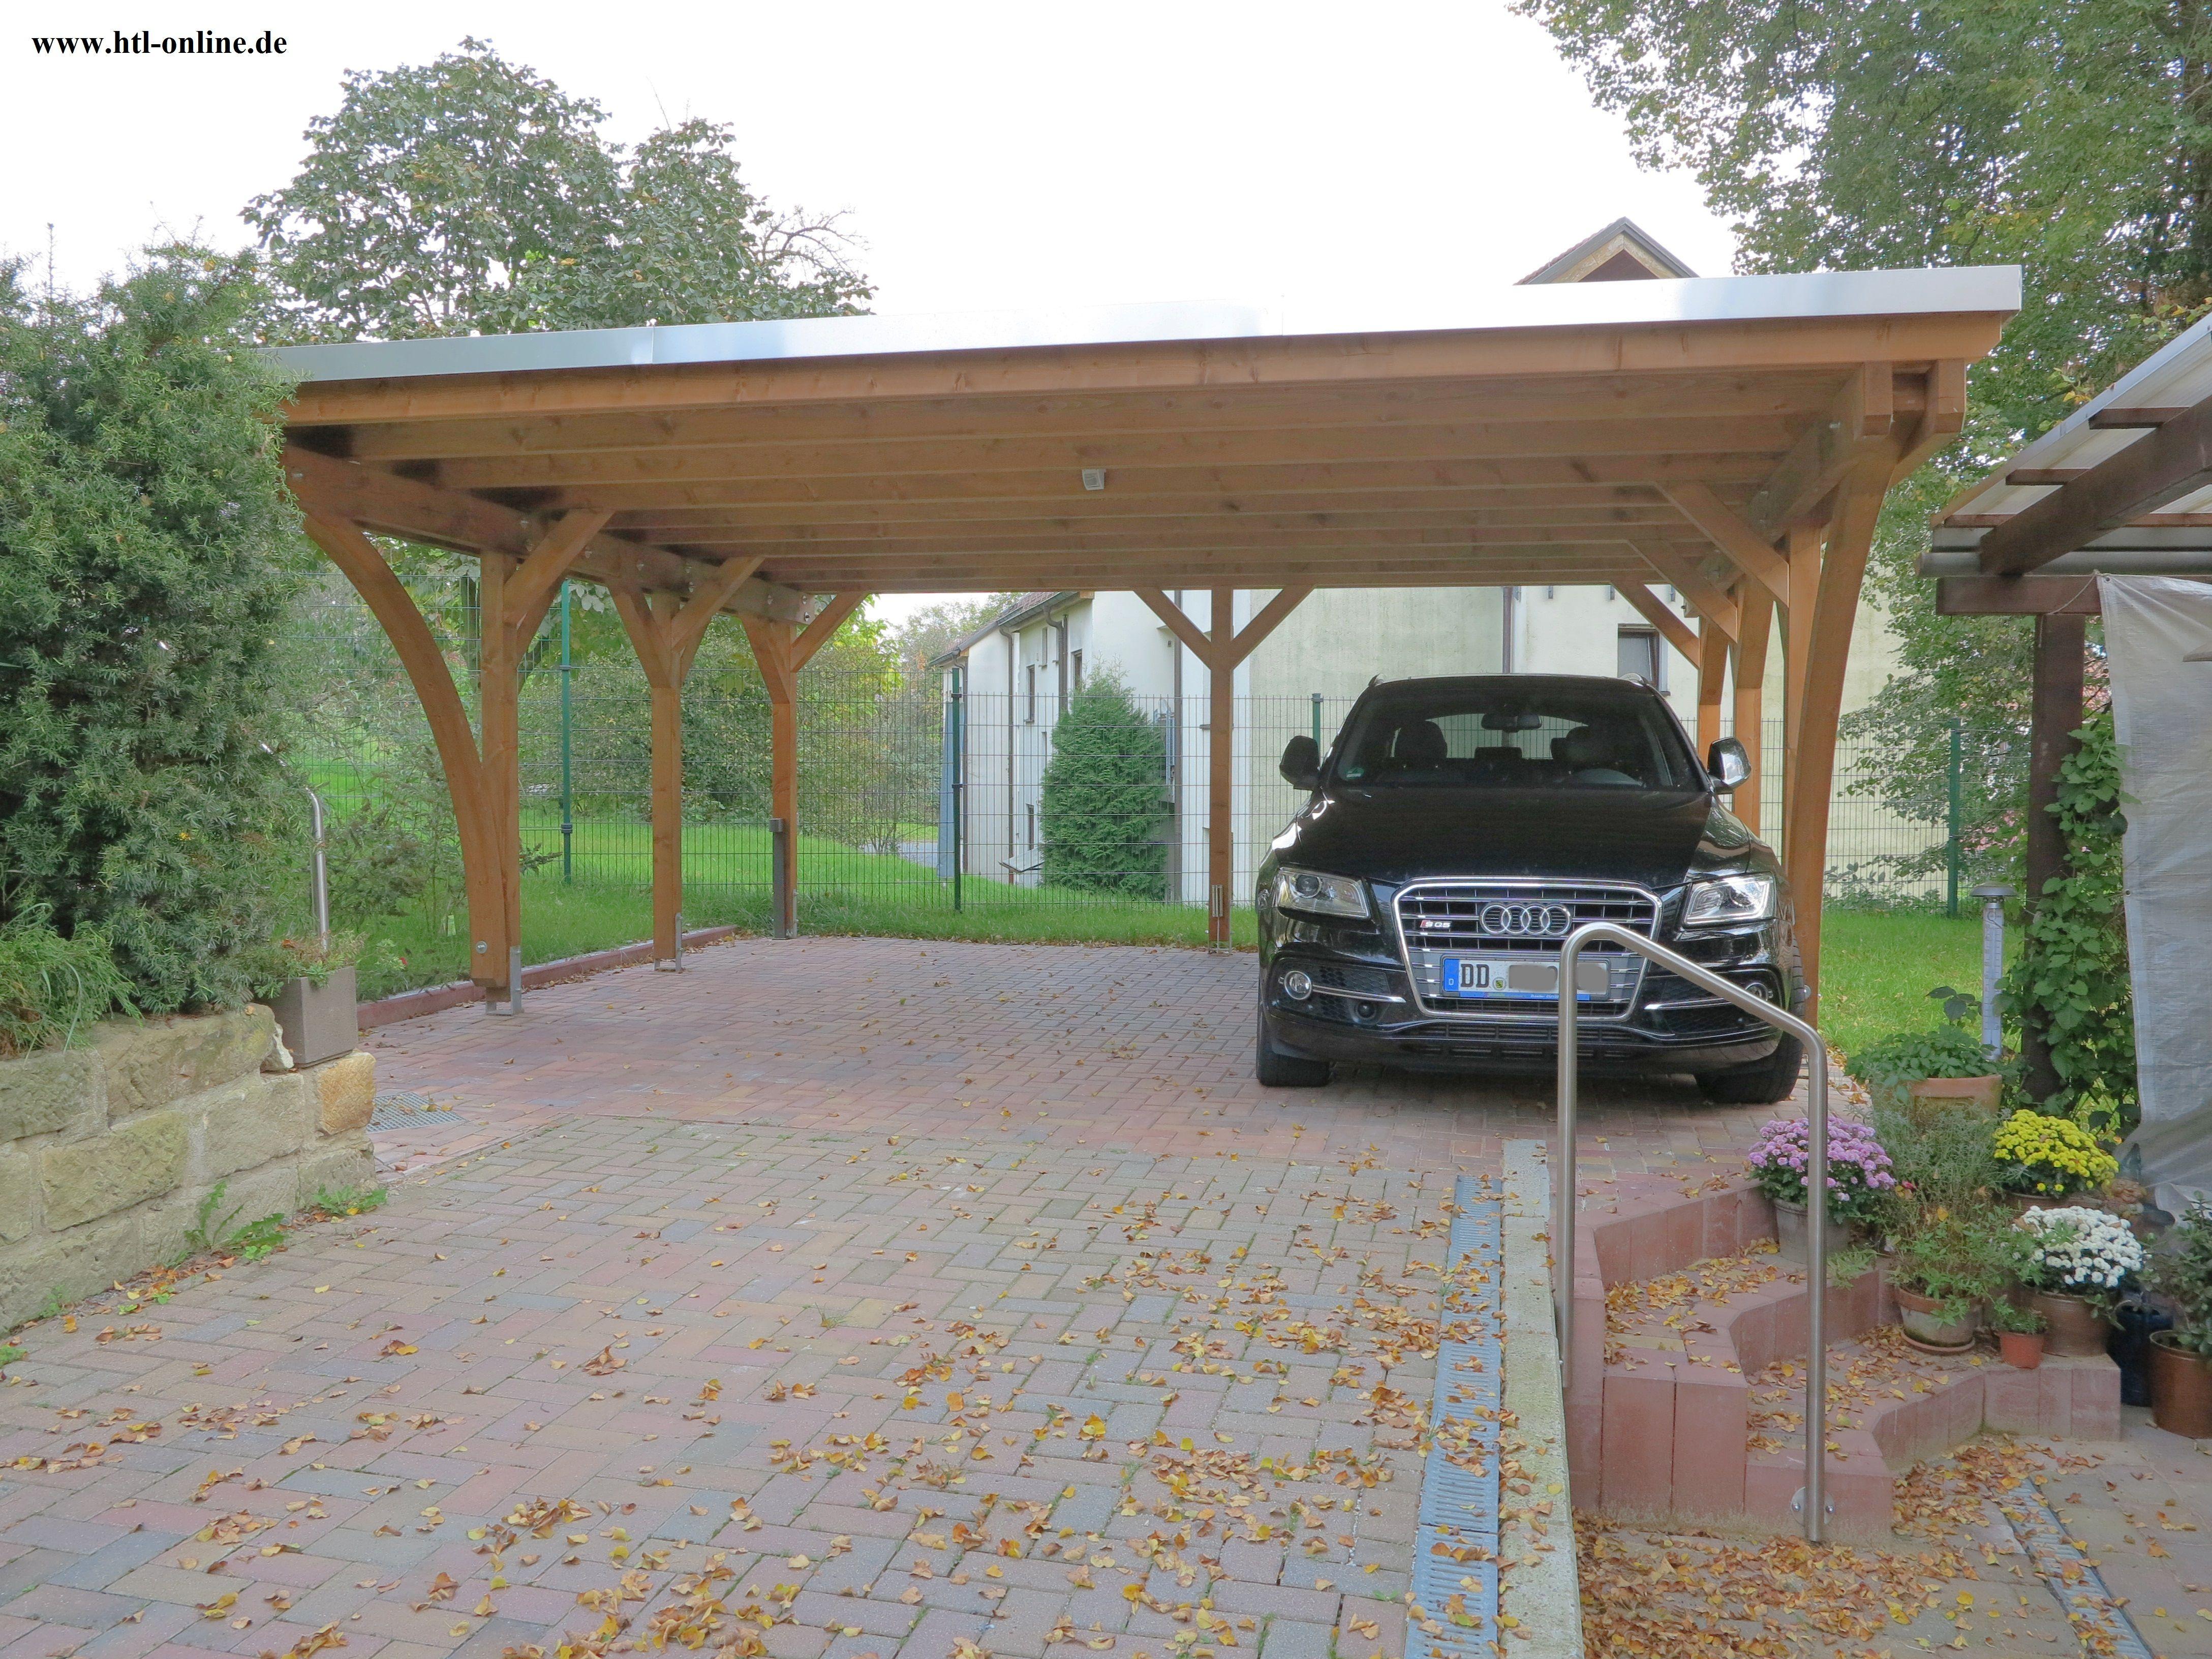 Carport Aus Holz Htl Holztechnik Holz Arbeit Mit Holz Carport Aus Holz Carport Holz Carport Uberdachung Carports